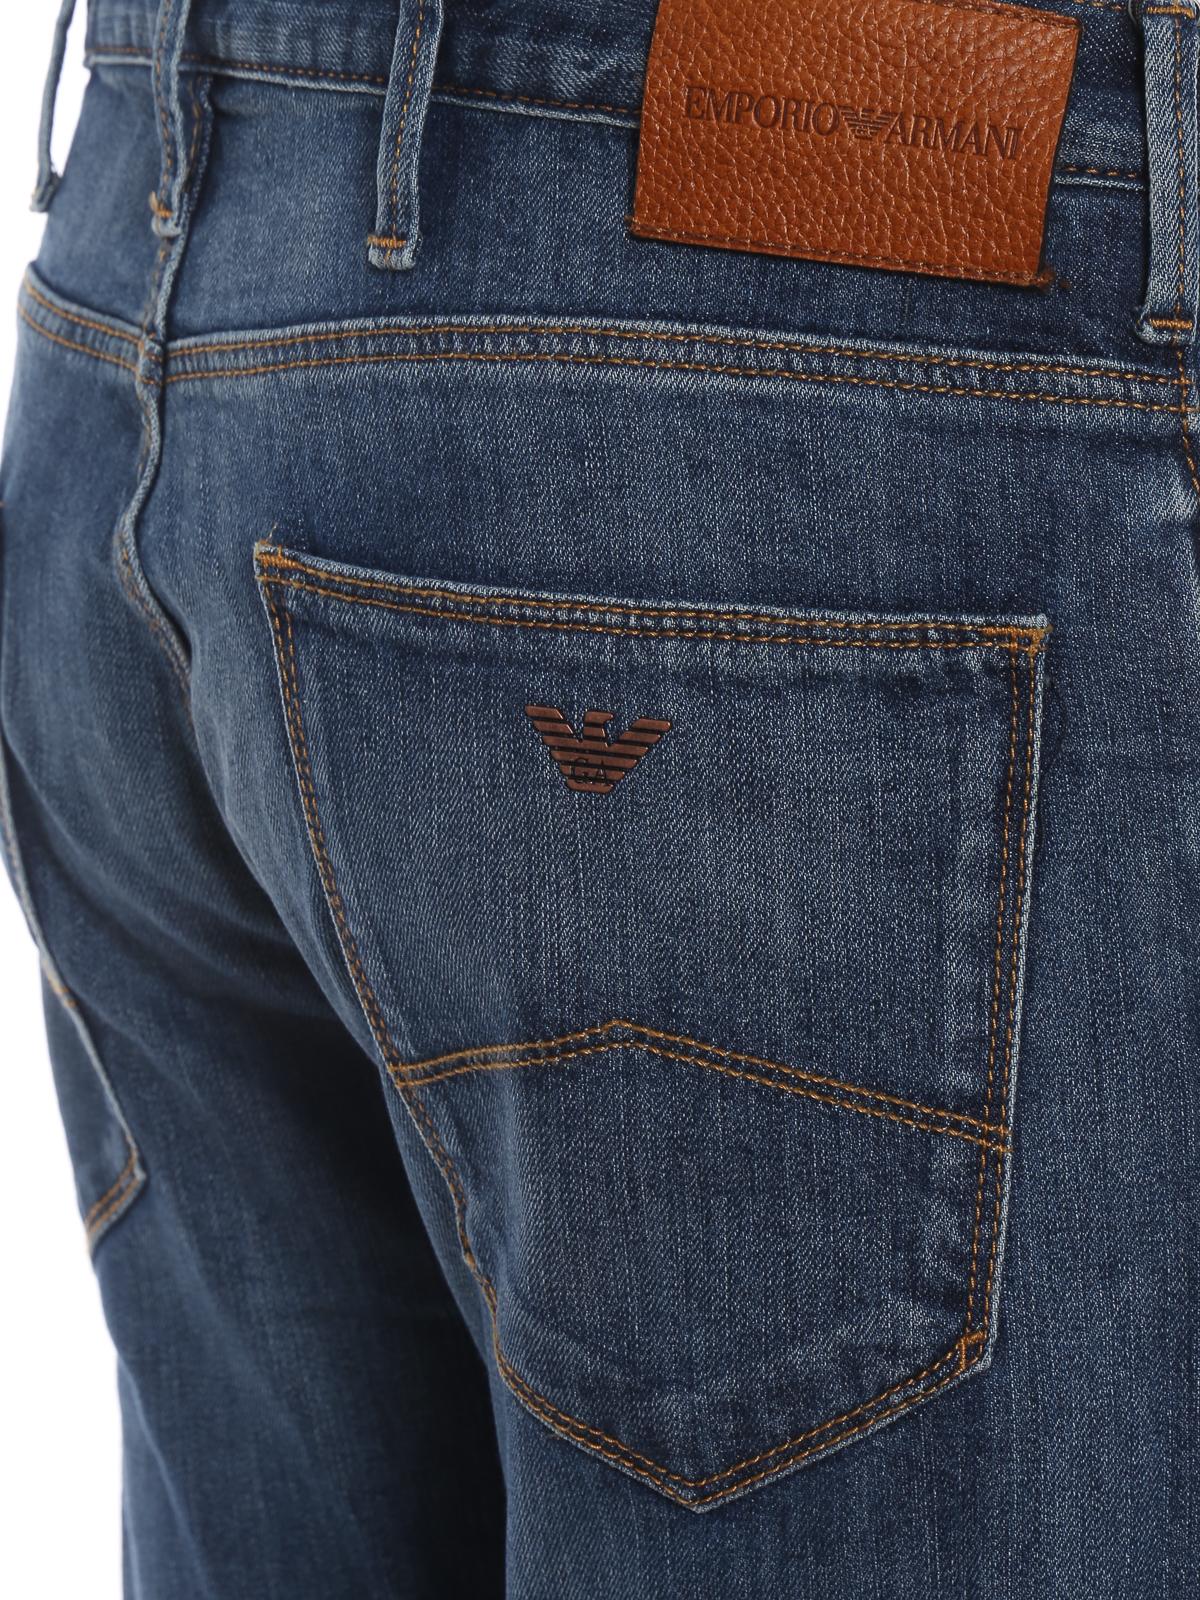 73e4b07a Emporio Armani - J06 faded slim jeans - straight leg jeans ...